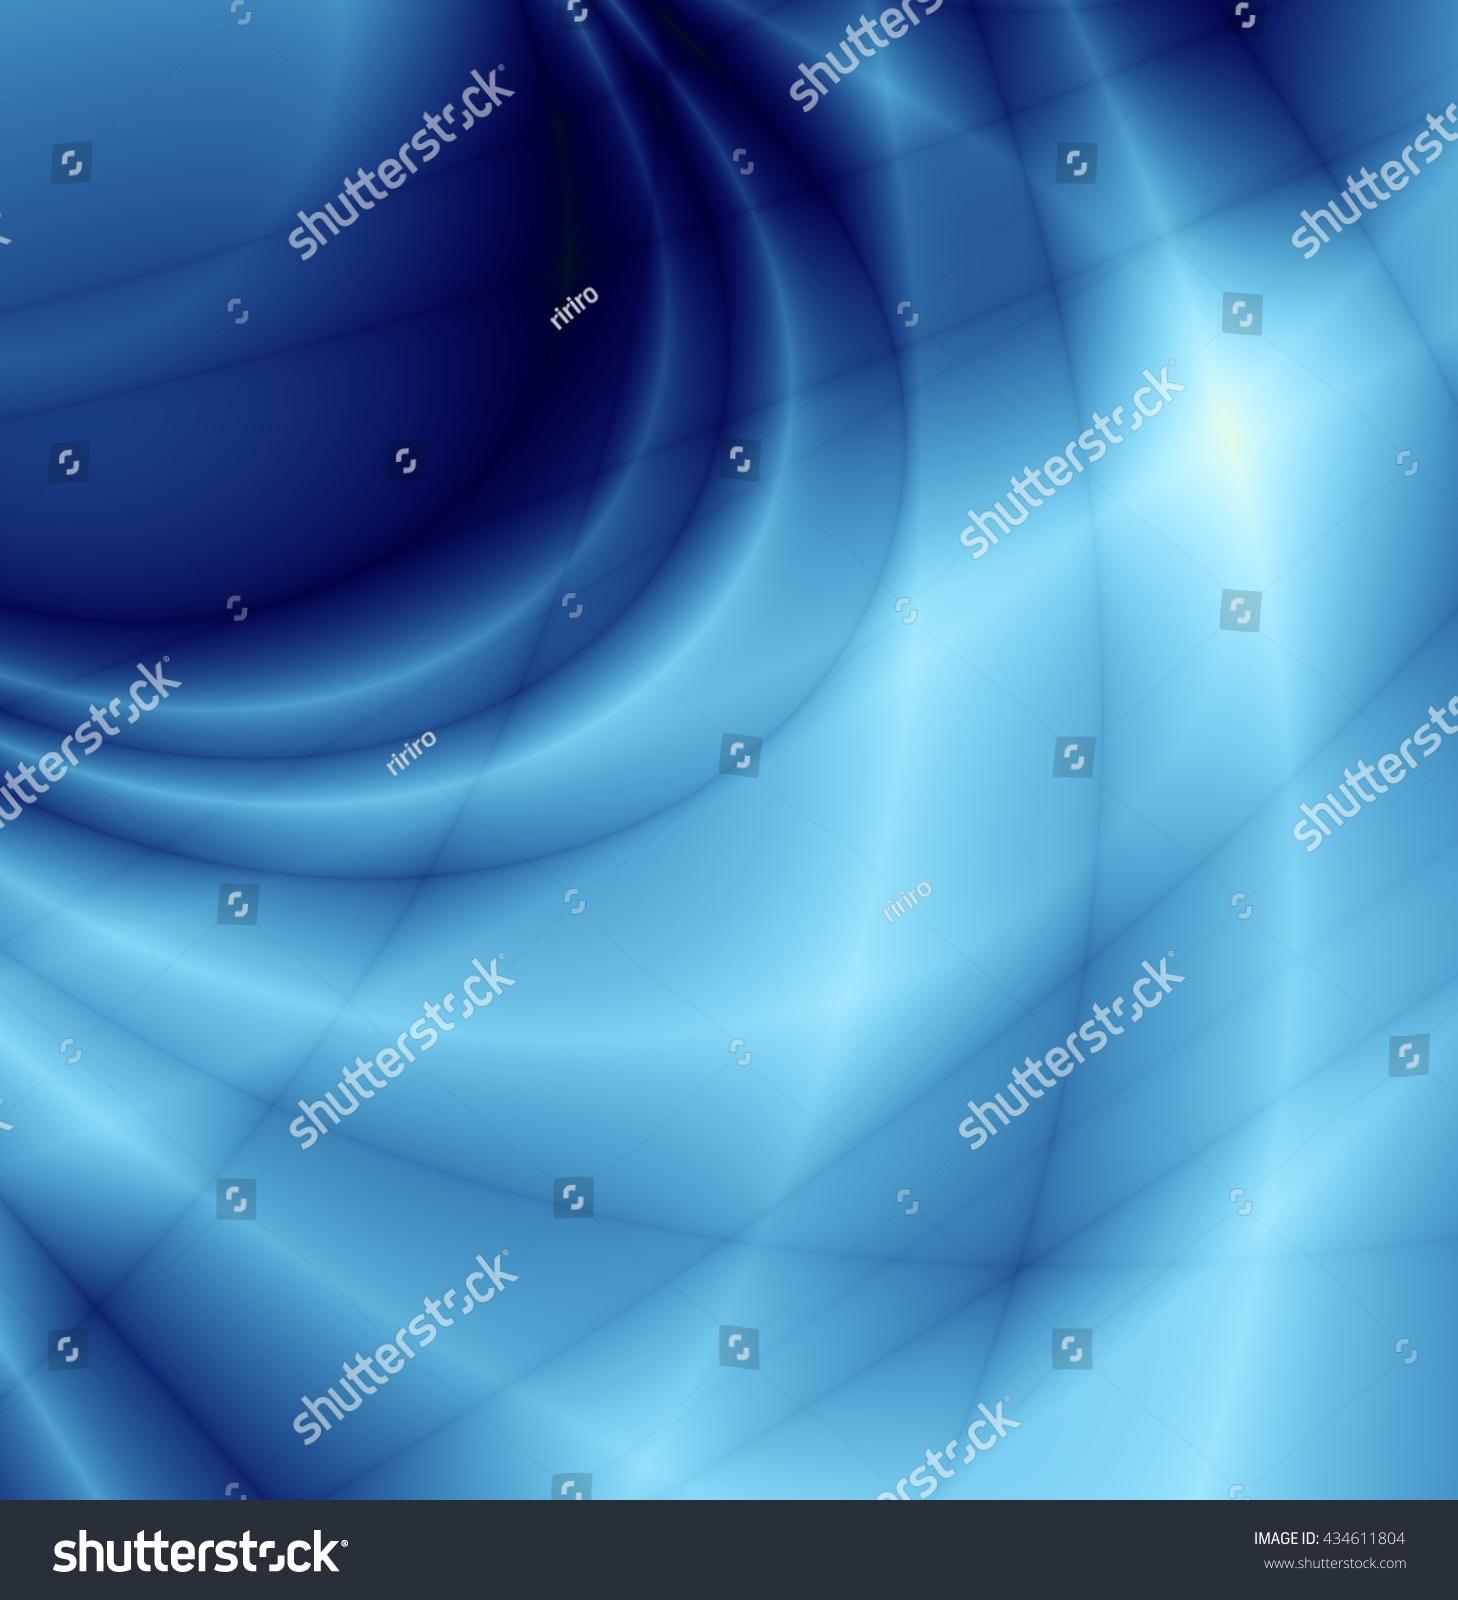 Image Result For Wave Editor Online